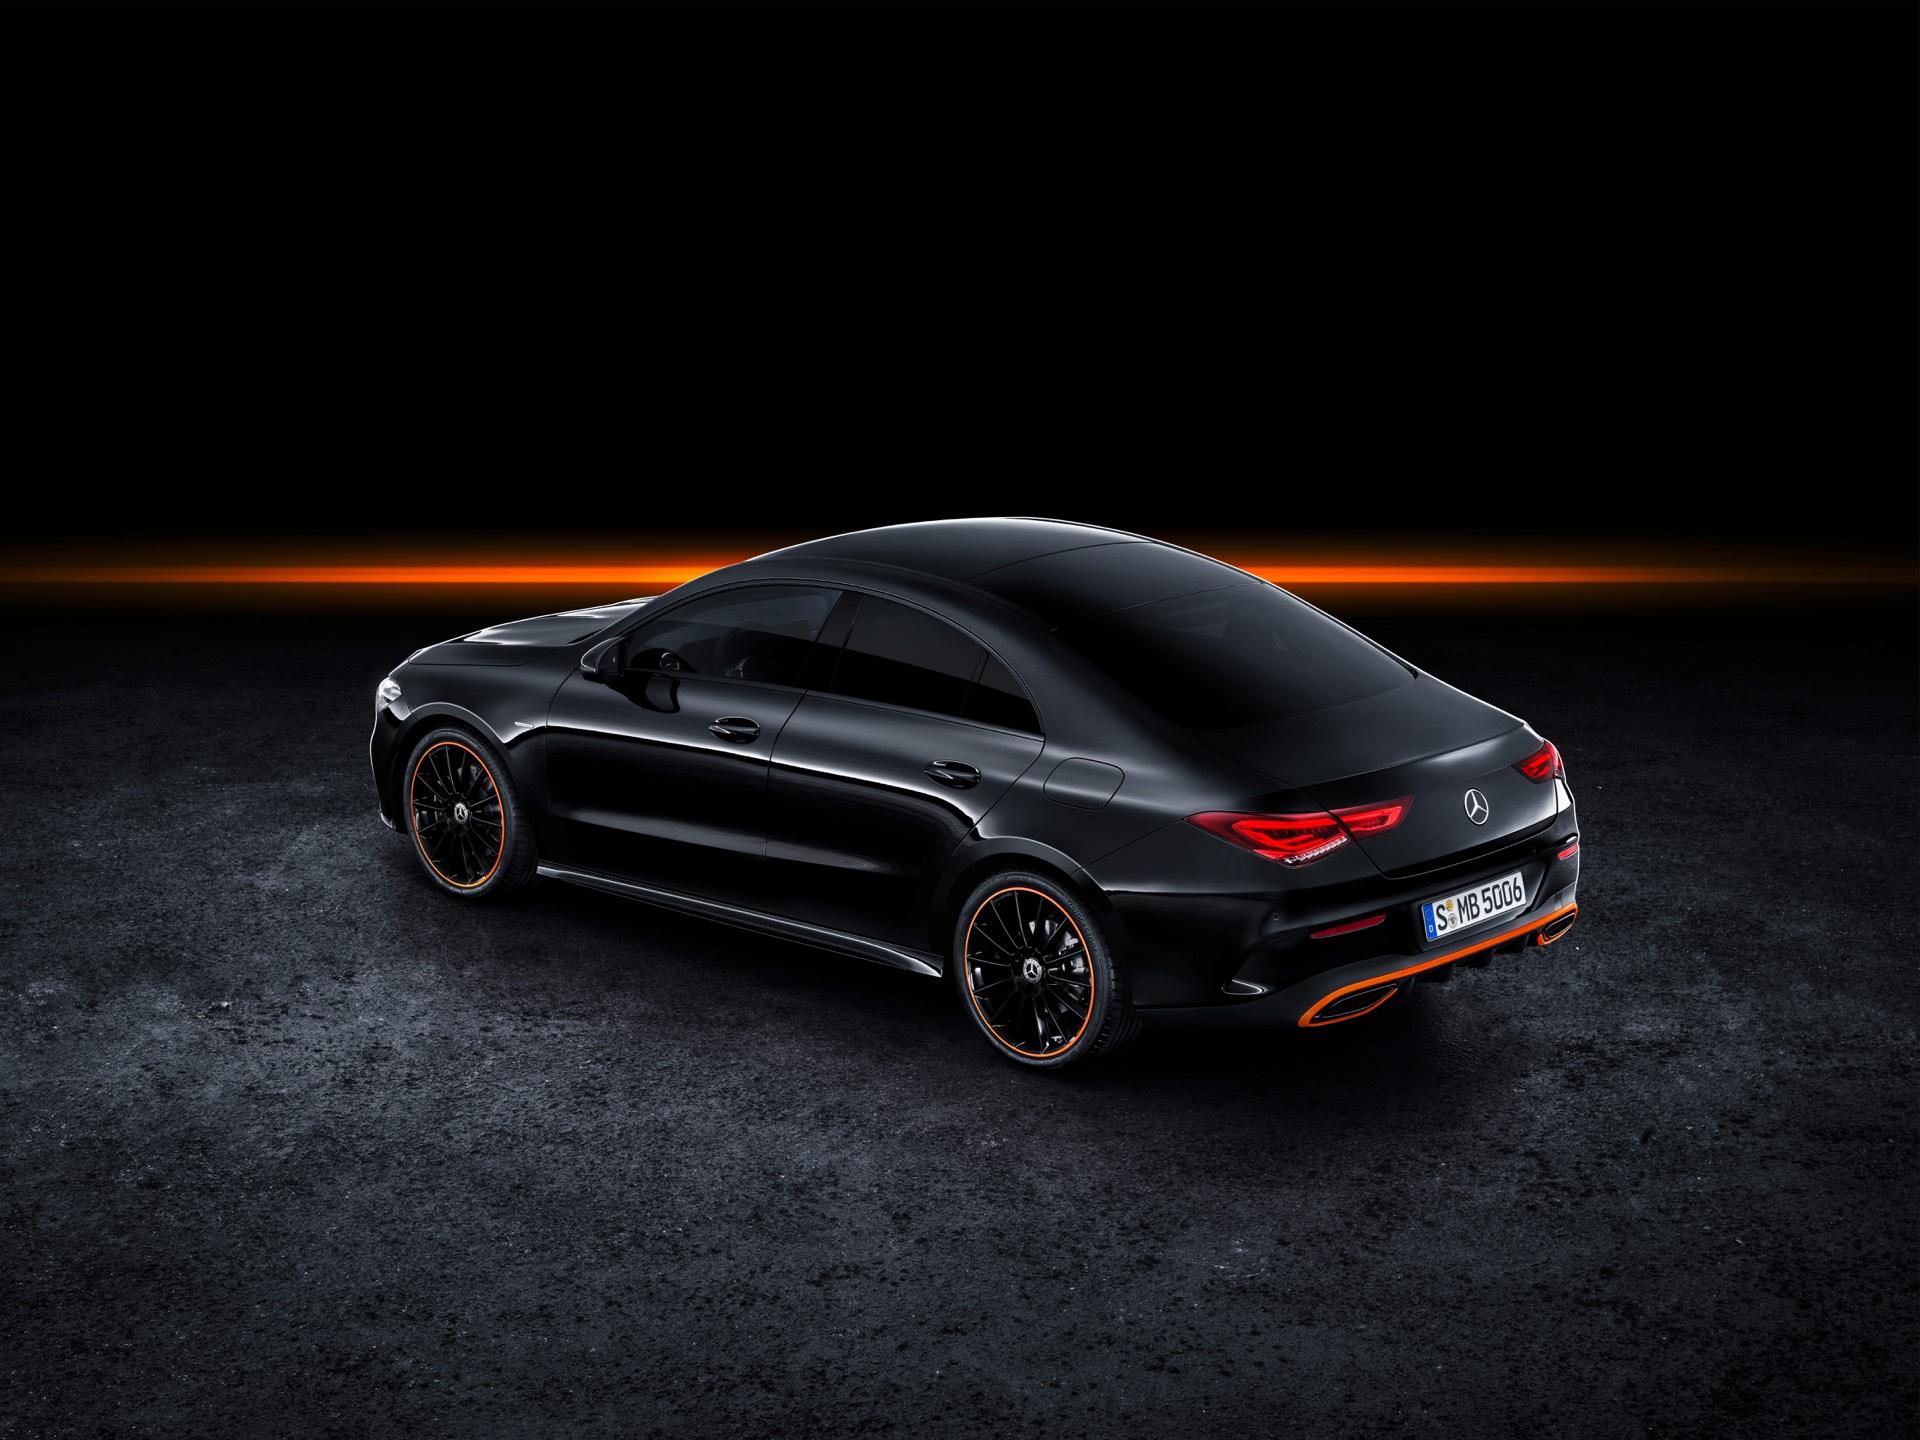 2019 Mercedes-Benz CLA Class Rear Top